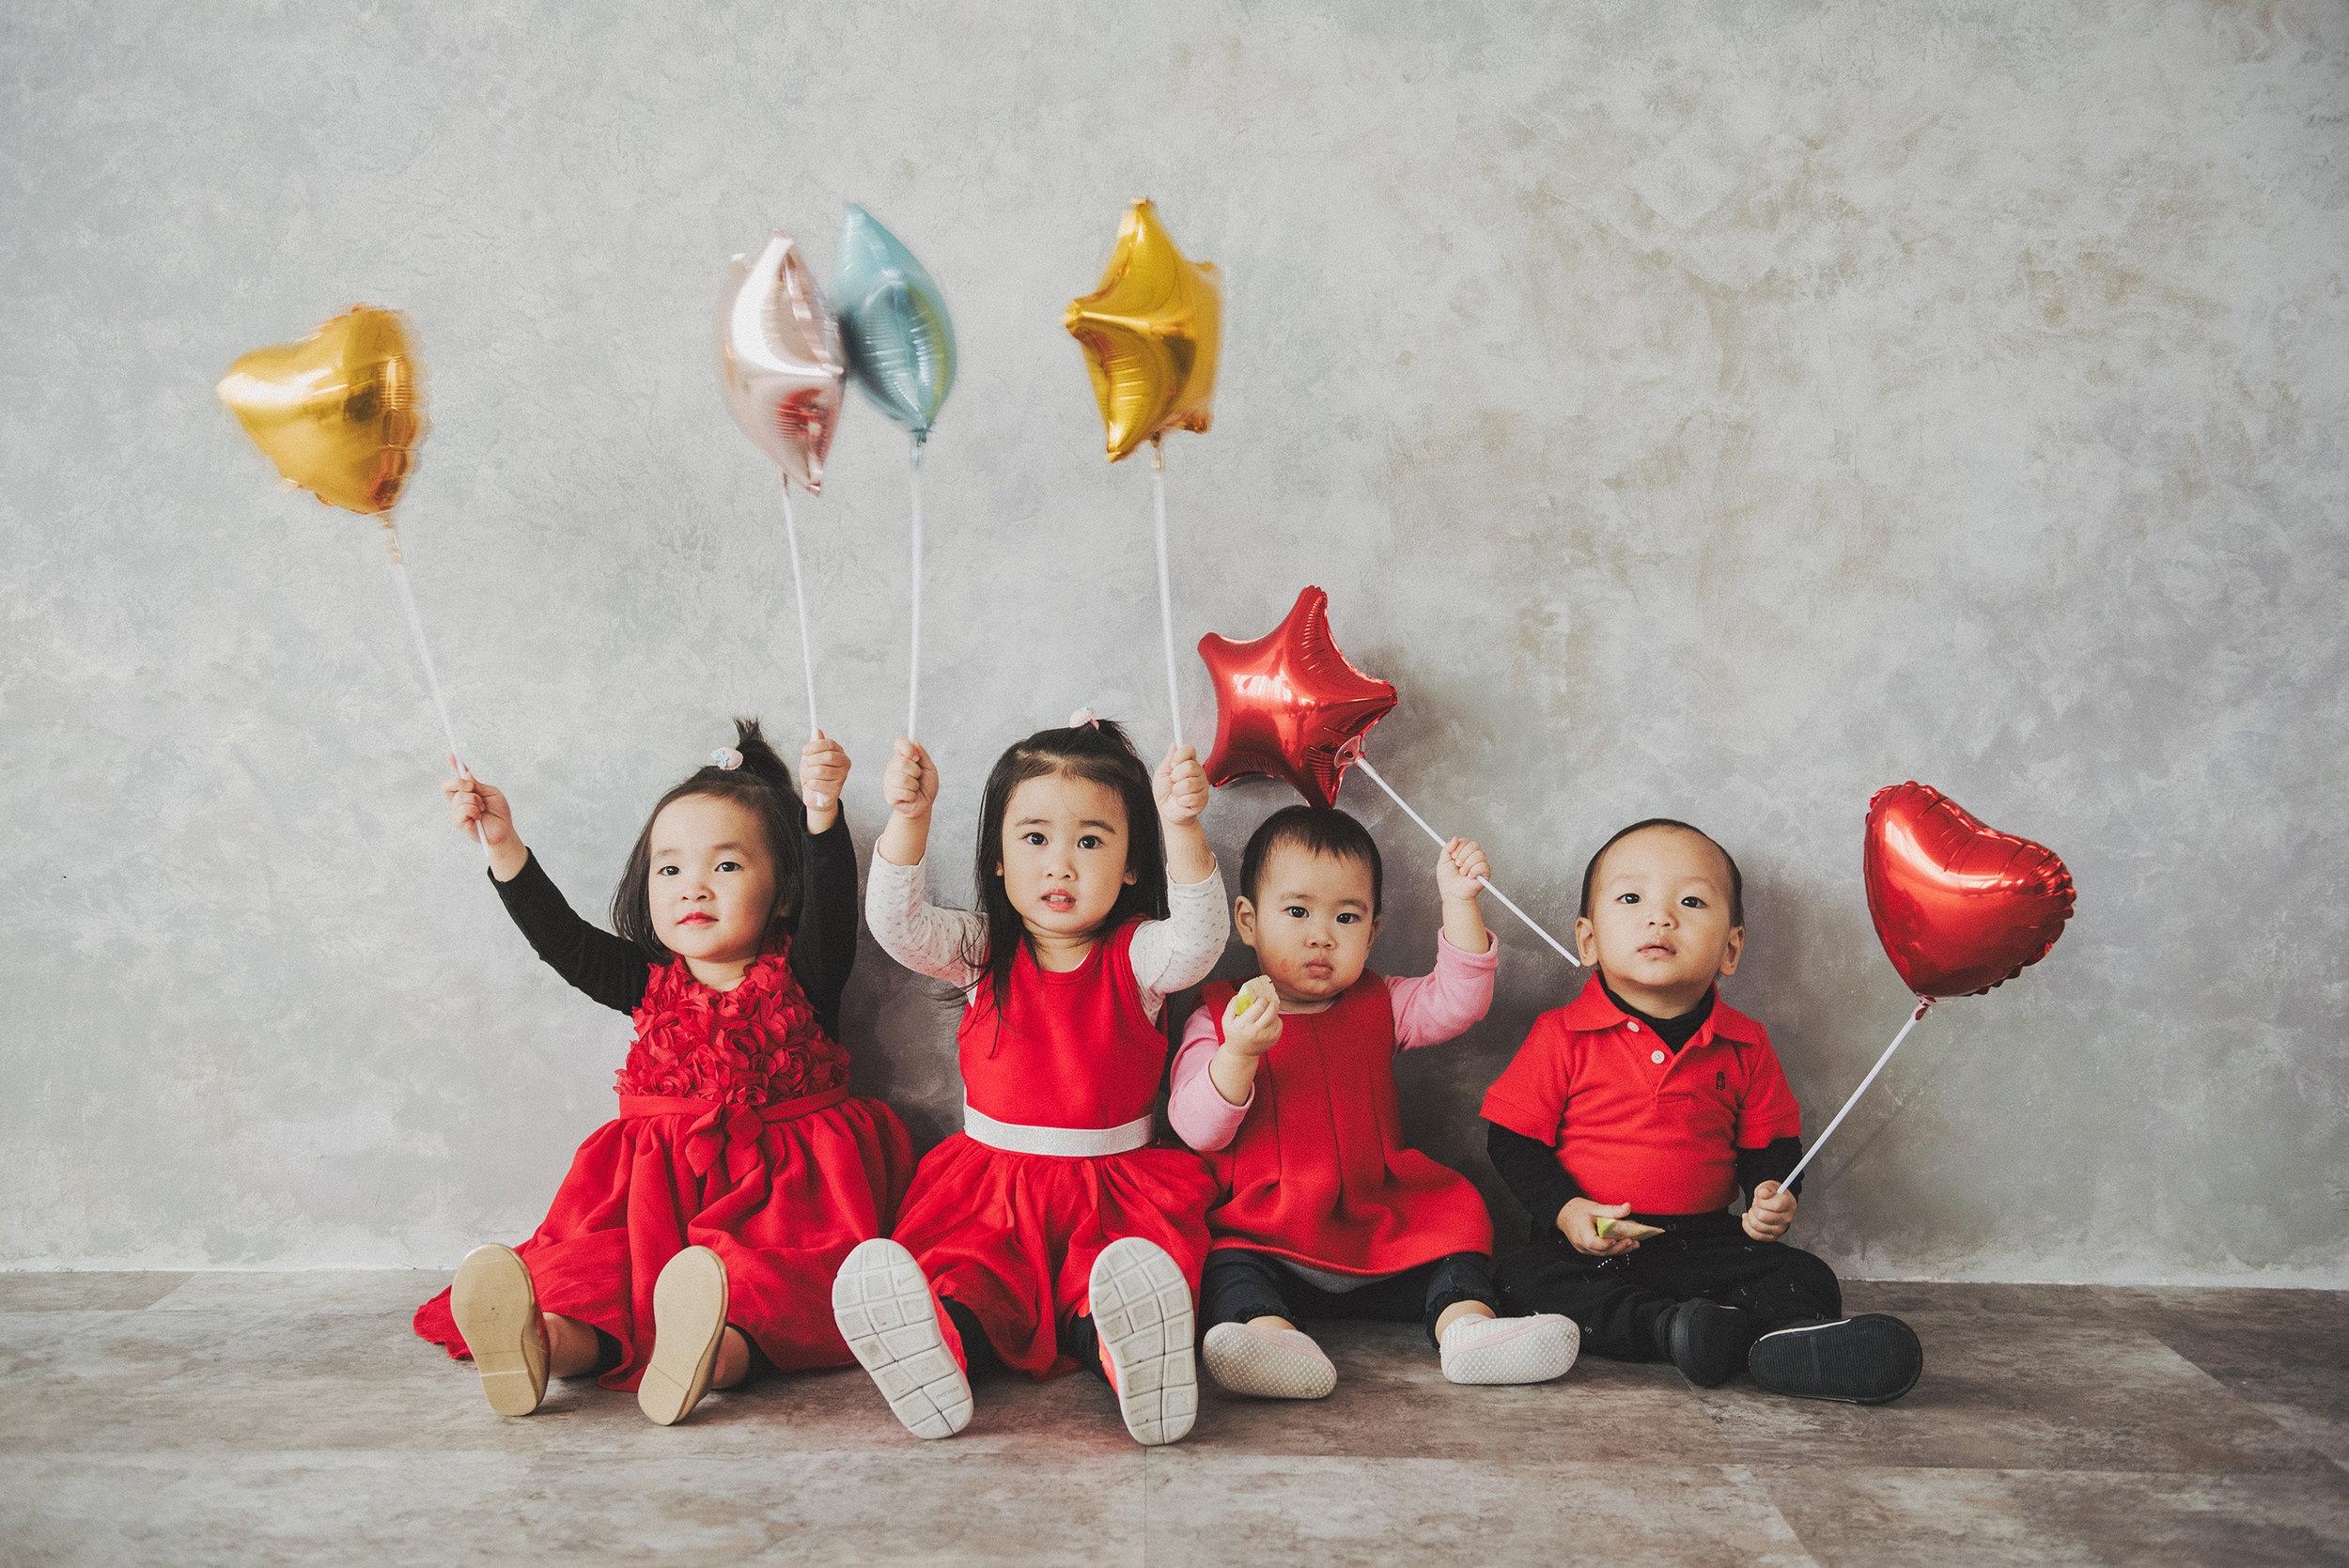 看看~ 利用小氣球讓屁股像蟲的小孩們排排坐,根本是魔法般的存在!!(但很短暫,是攝影師快門按很快哈哈)